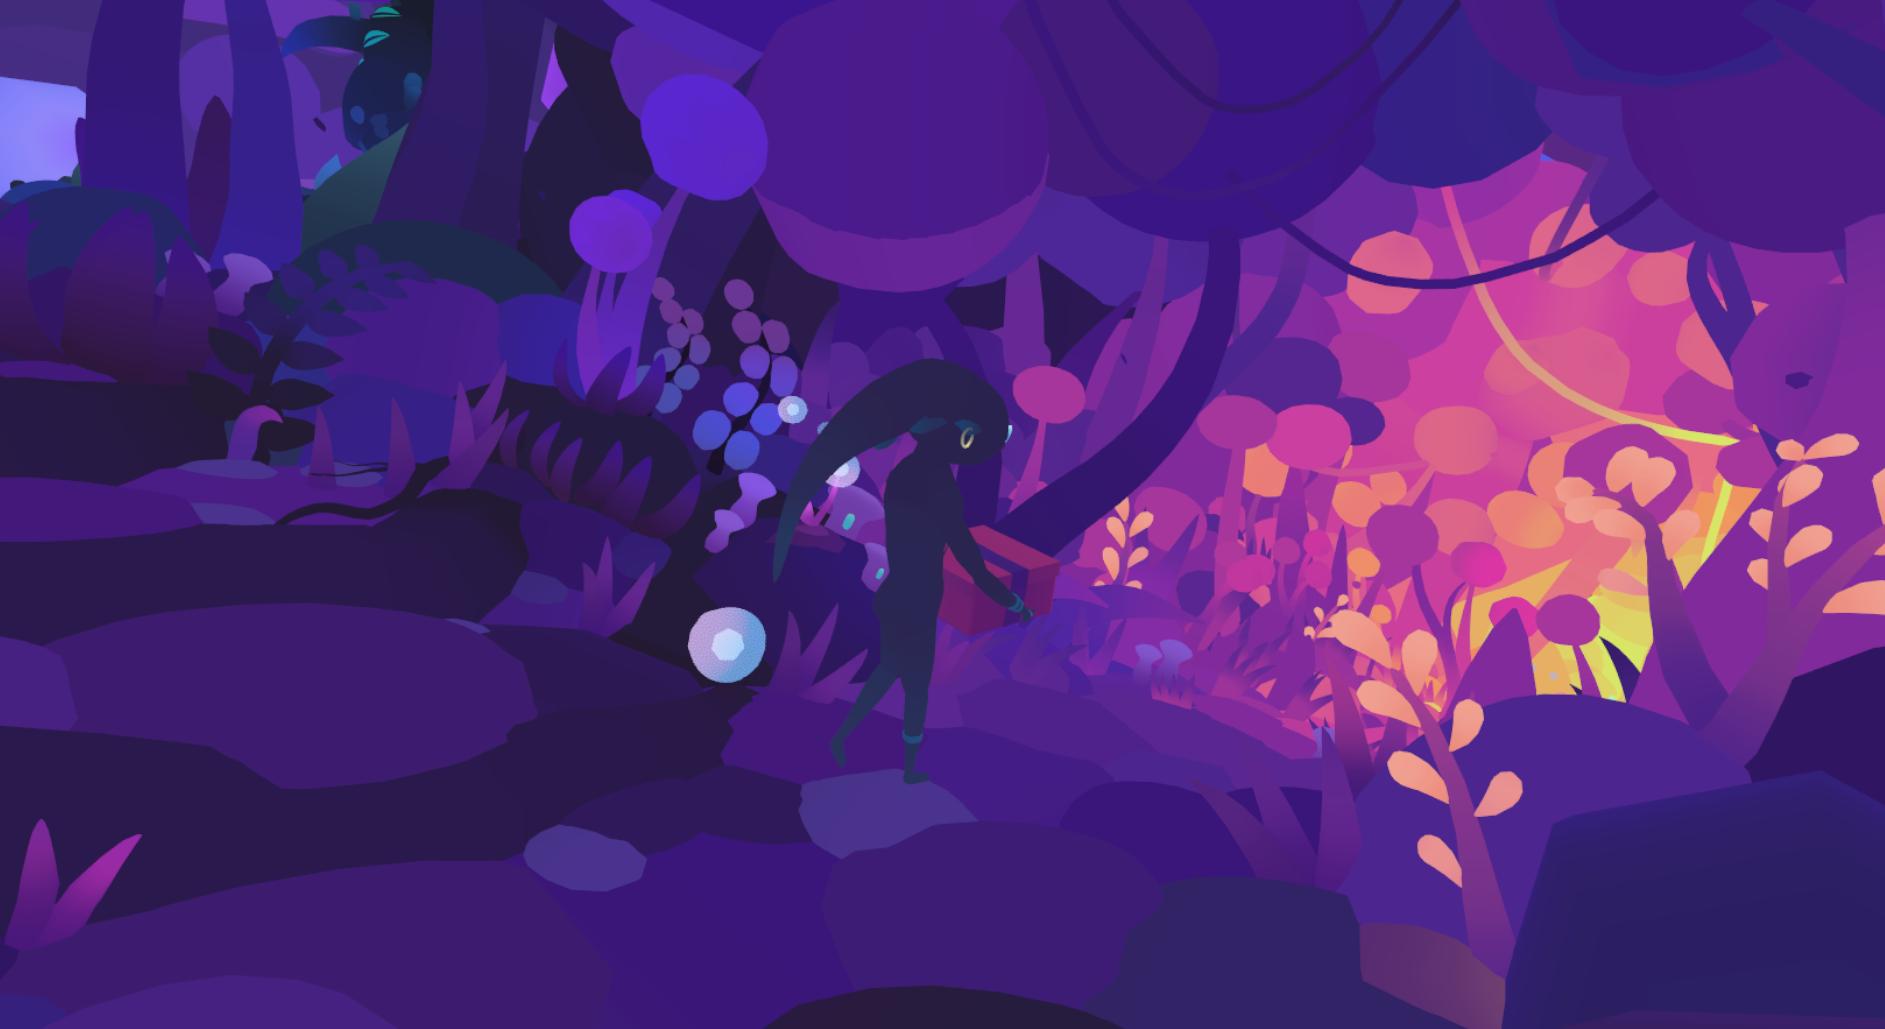 第2章『The Neon Jungle』のストーリー7